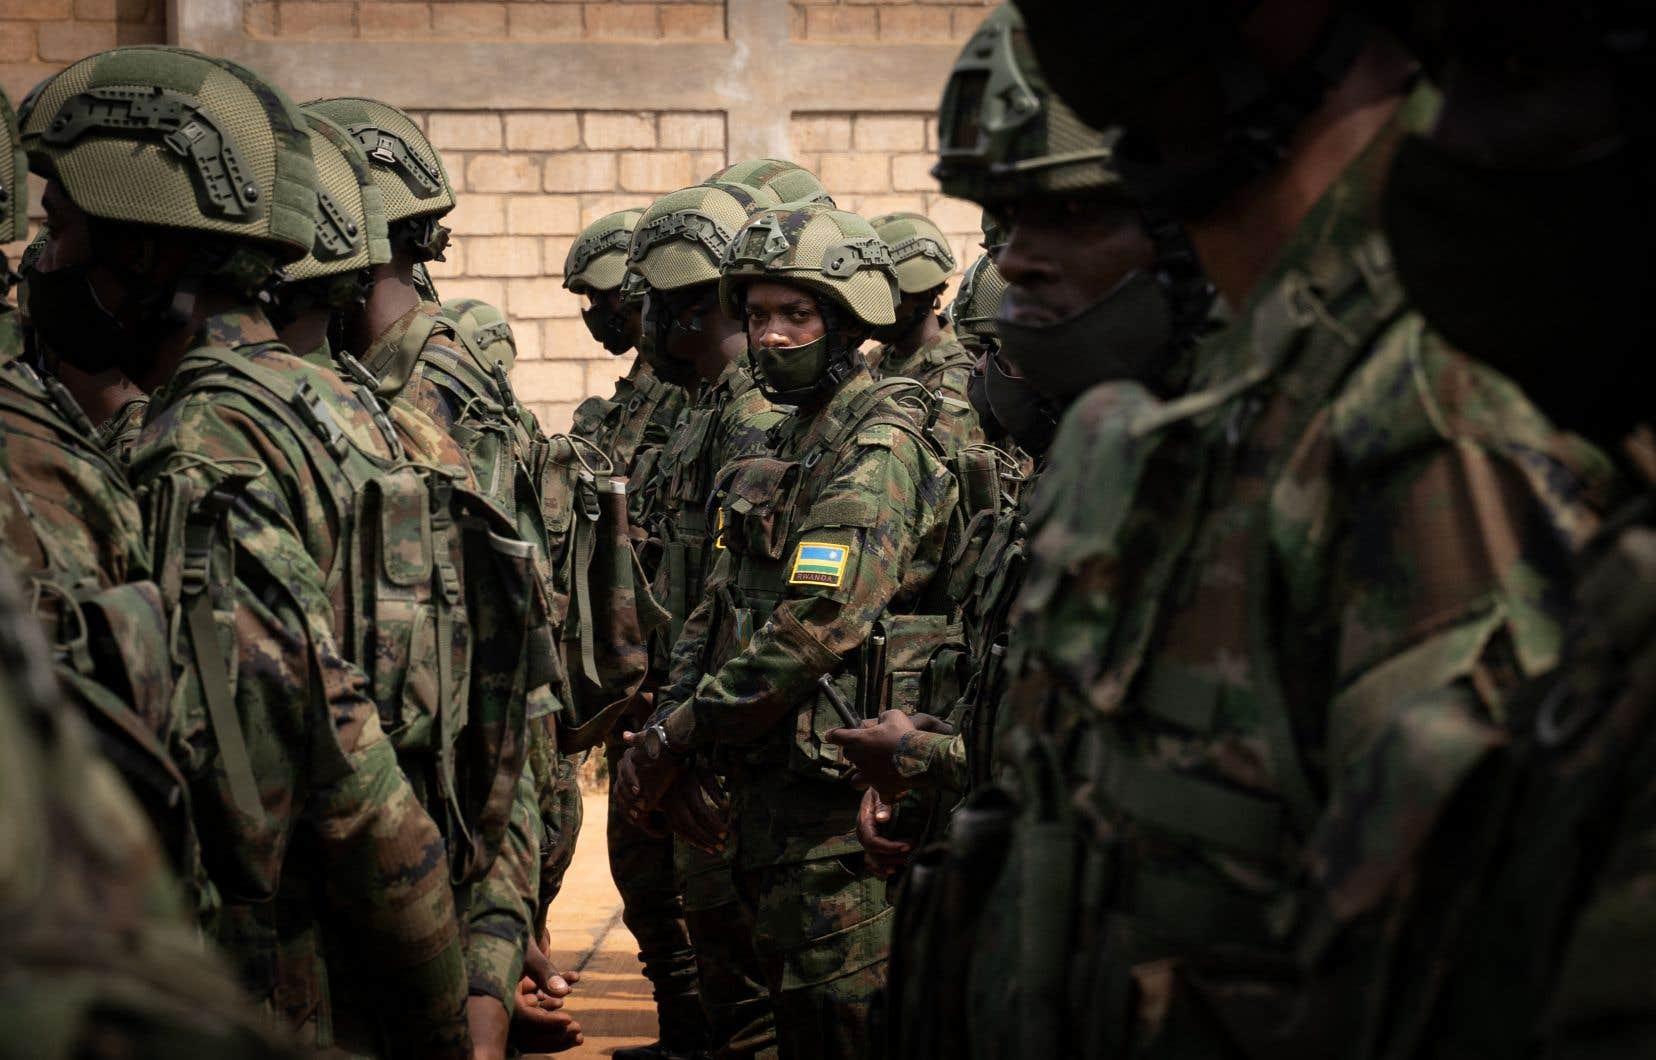 À la demande de Maputo, le Rwanda a envoyé le 9juillet un millier de soldats pour soutenir les forces armées mozambicaines qui luttent pour reconquérir le Cabo Delgado.